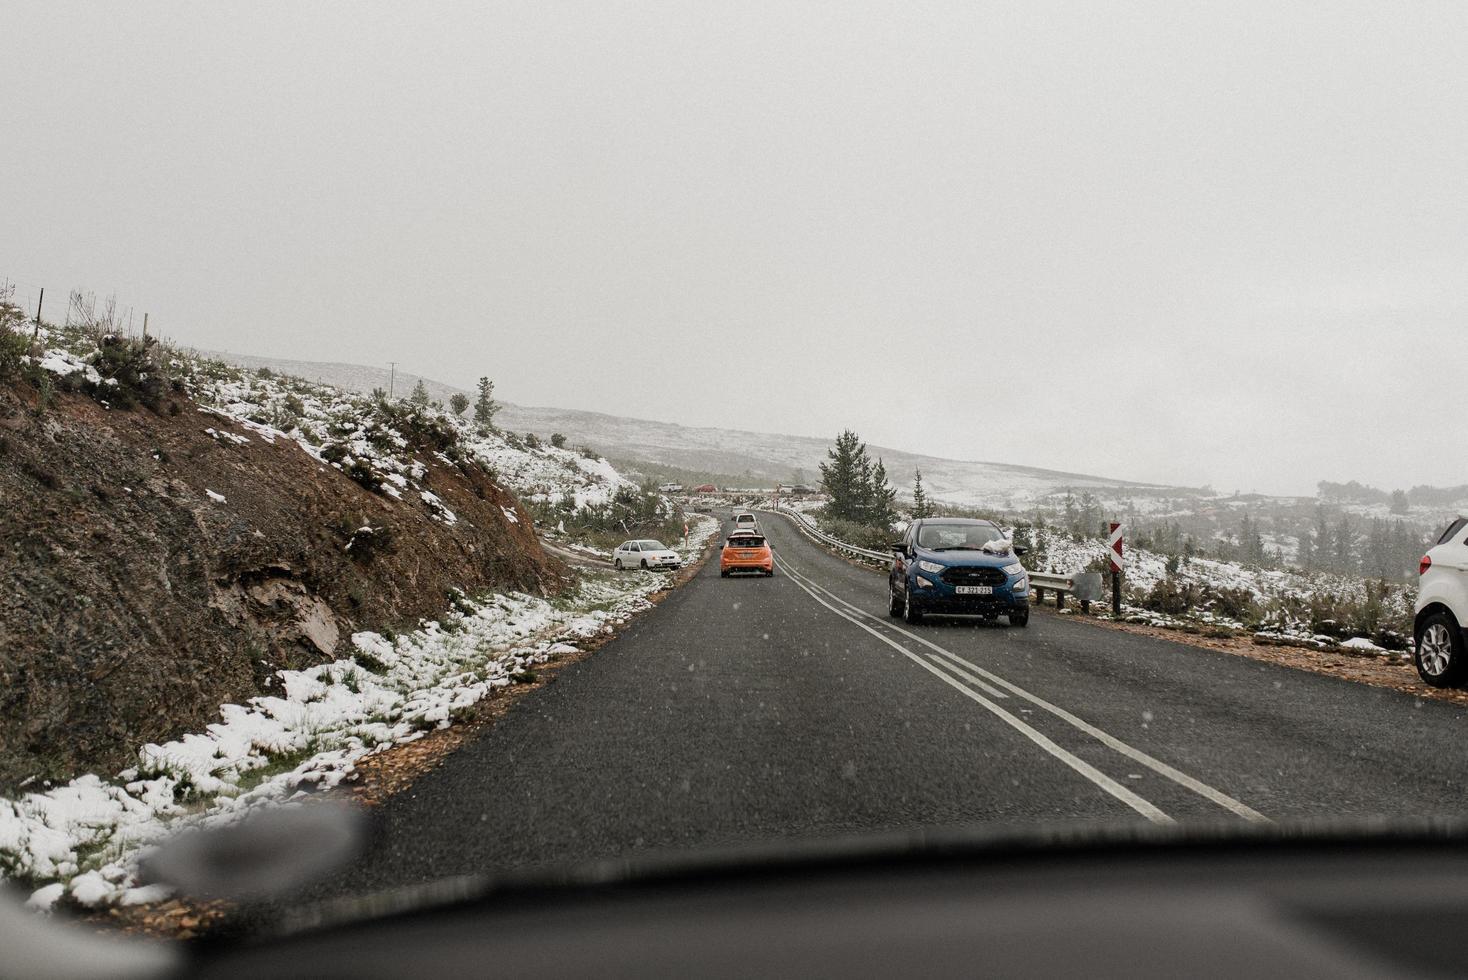 Cape Town, Afrique du Sud, 2020 - voitures sur l'autoroute pendant que la neige tombe photo